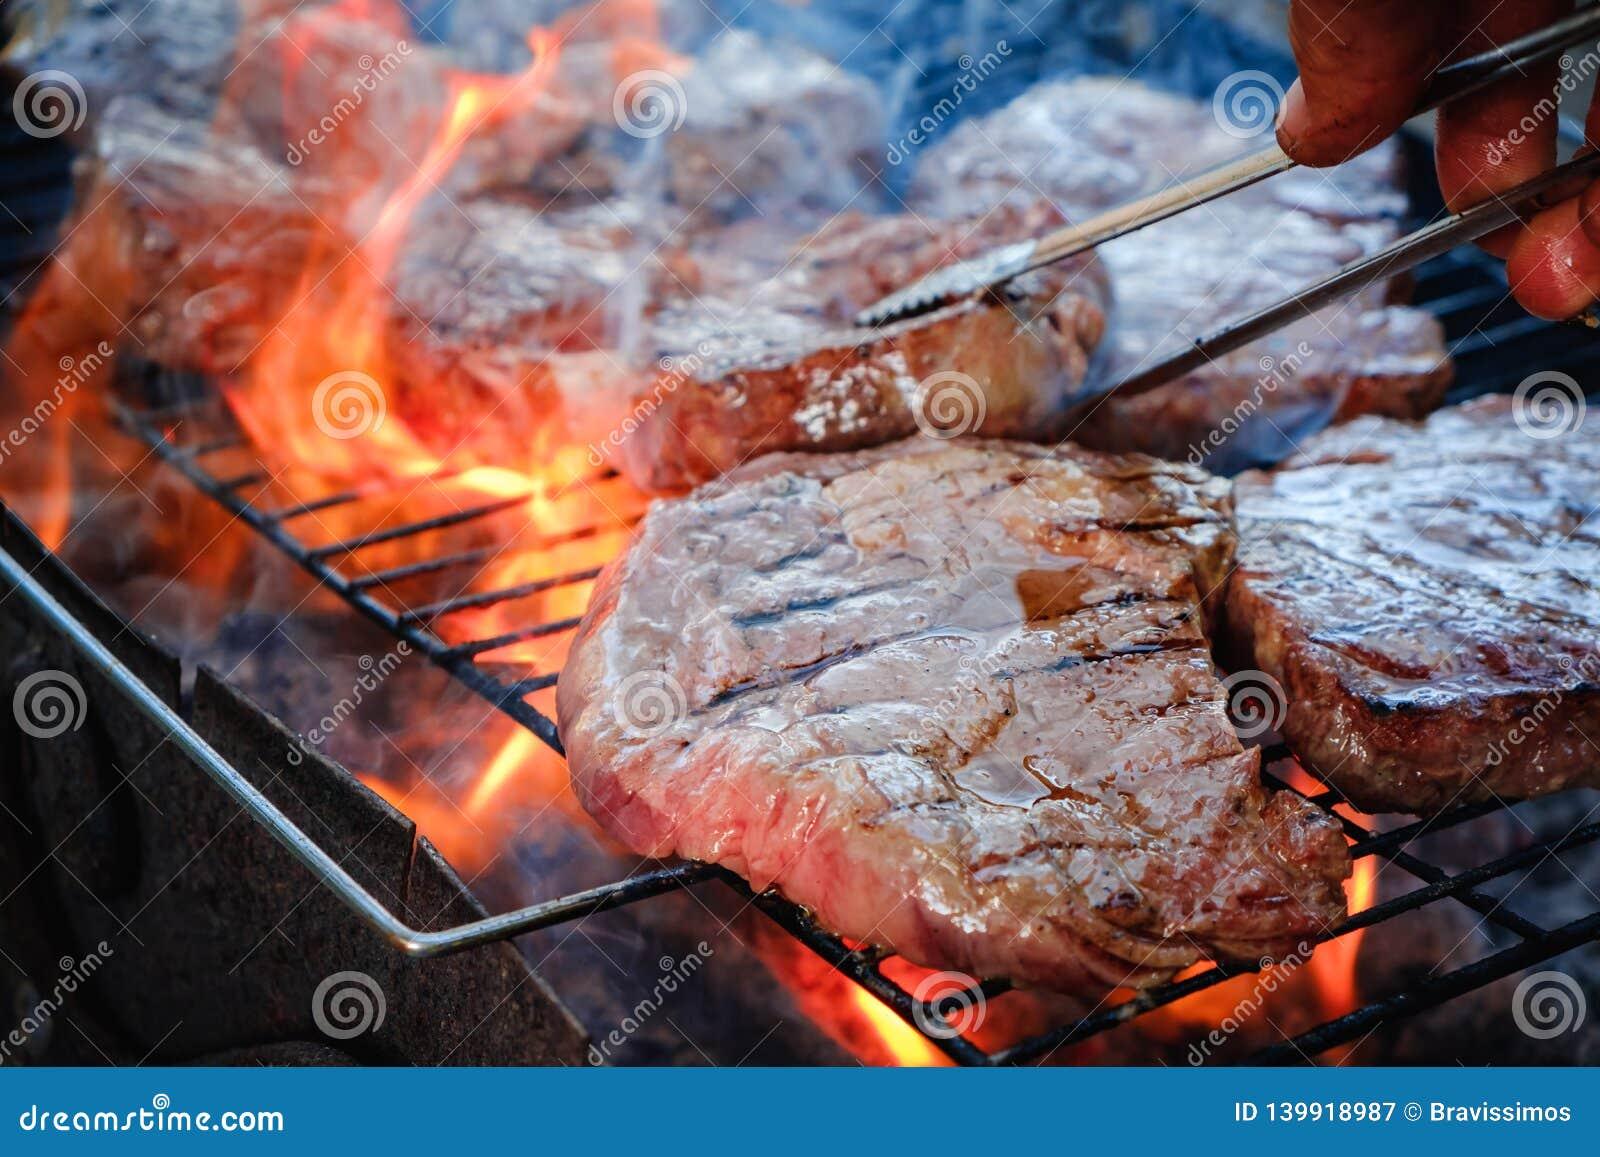 Halb gares geschnittenes gegrilltes striploin Rindfleischsteak Grillfleisch auf dem Grill